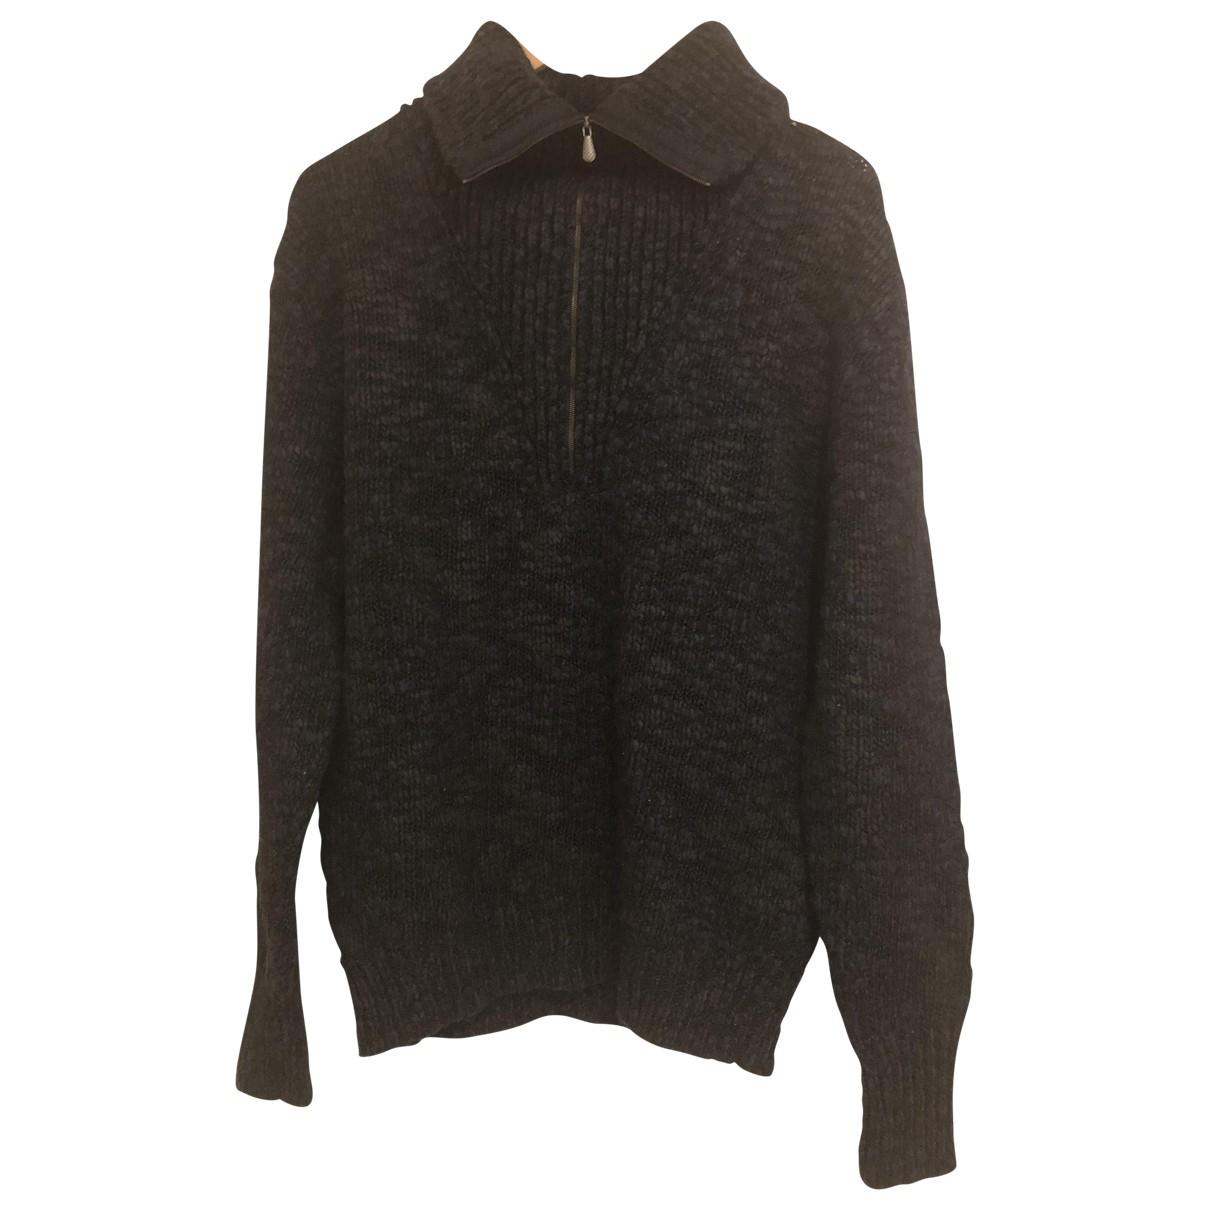 Bottega Veneta N Blue Wool Knitwear & Sweatshirts for Men 48 IT